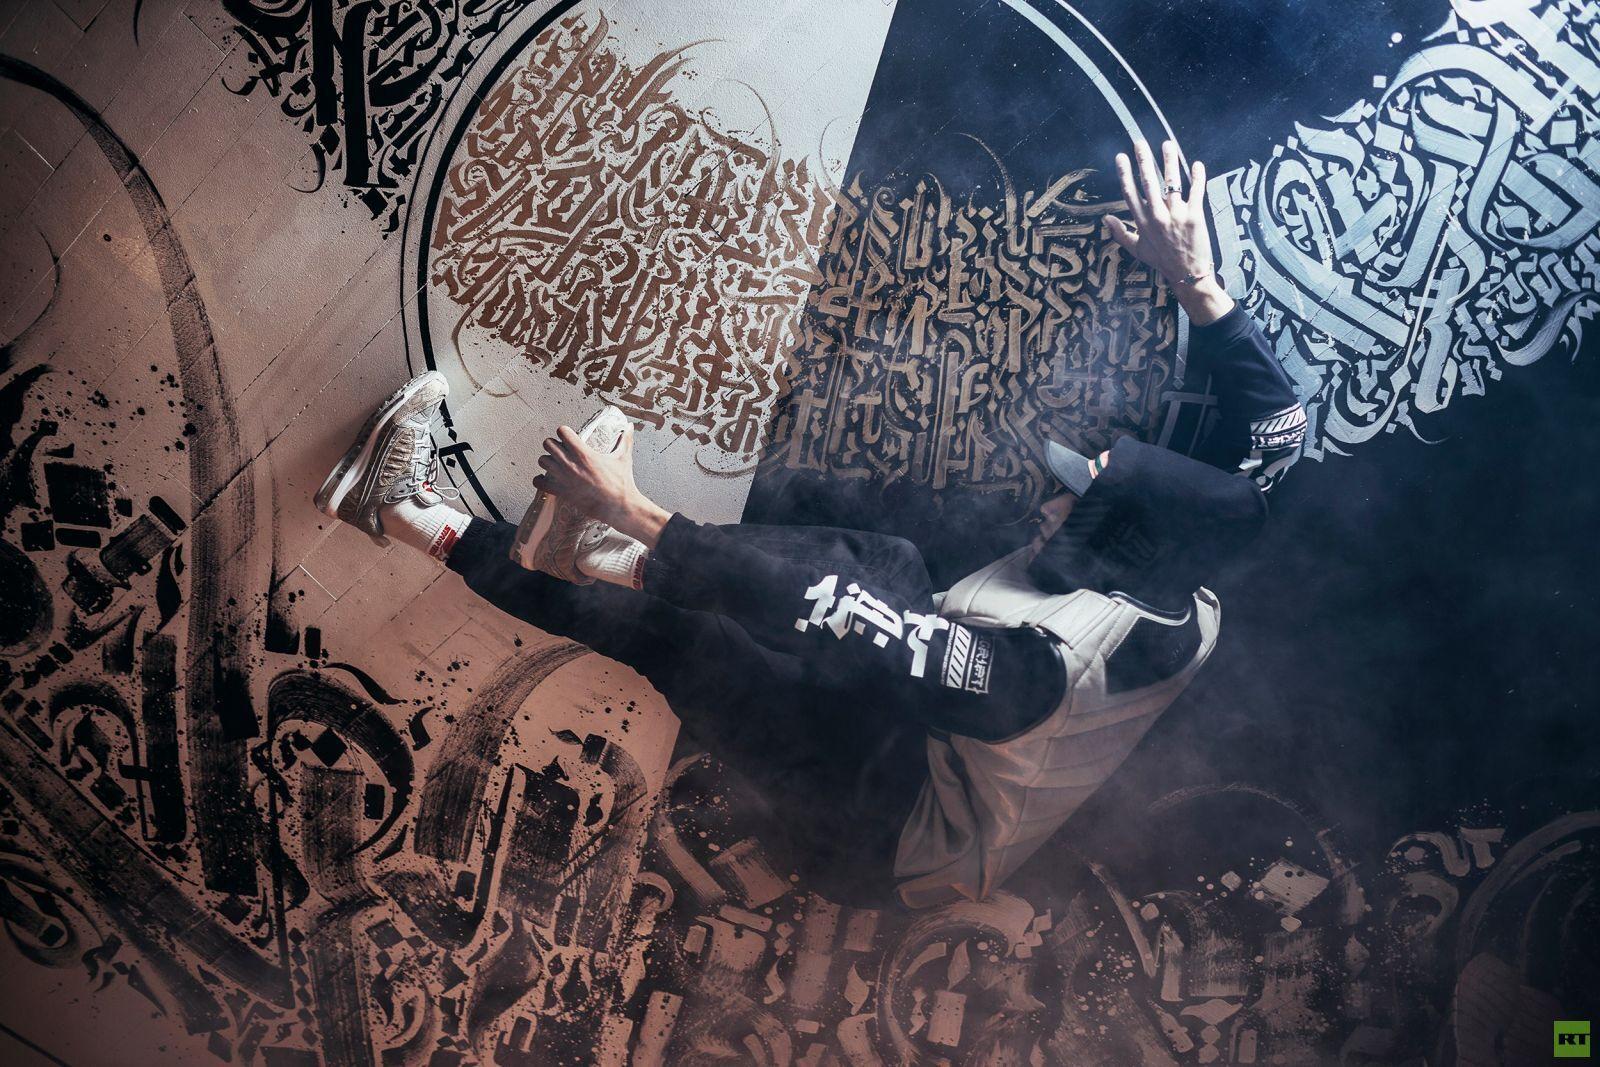 فن القوقاز المعاصر – بعيدا عن الصور النمطية